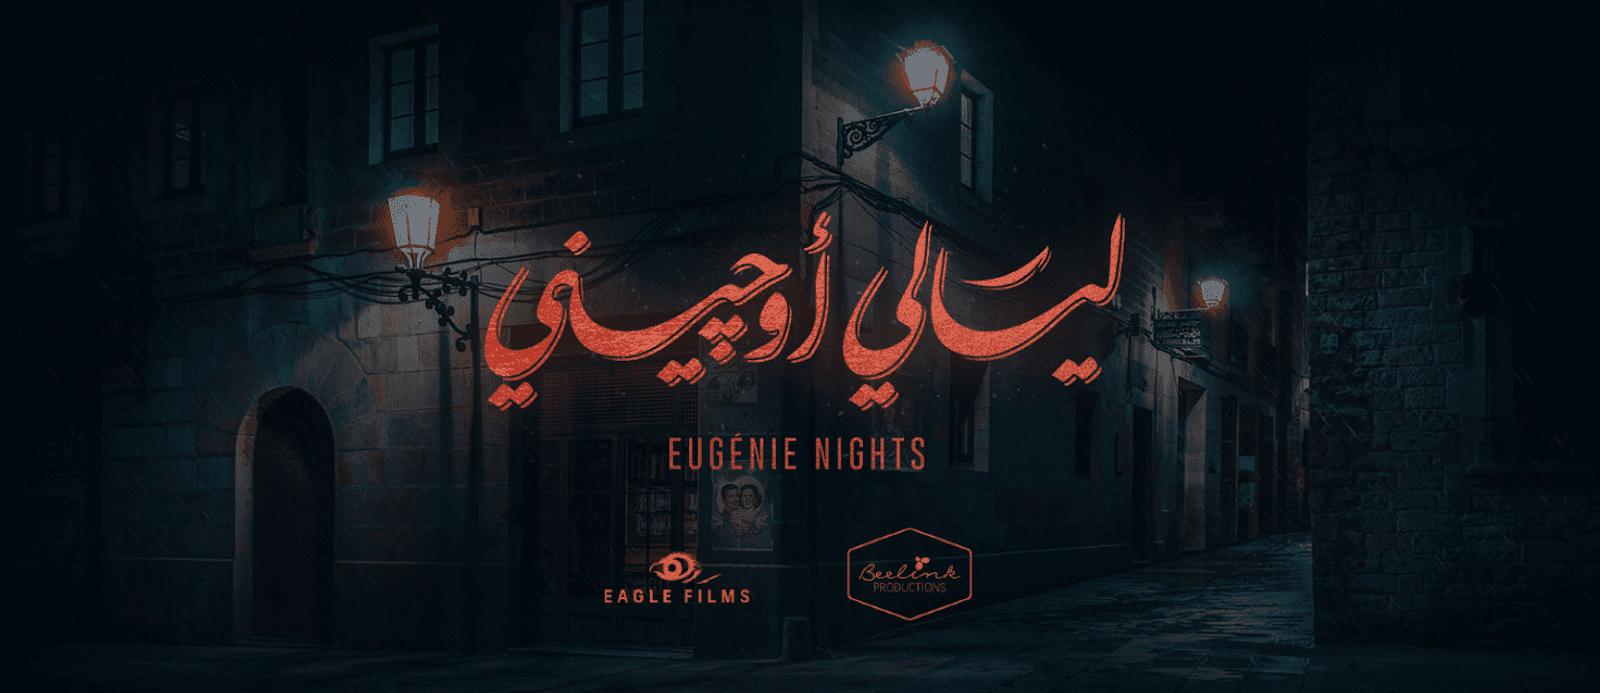 مواعيد عرض واعادة مسلسل ليالي أوجيني - ظافر العابدين – رمضان 2018